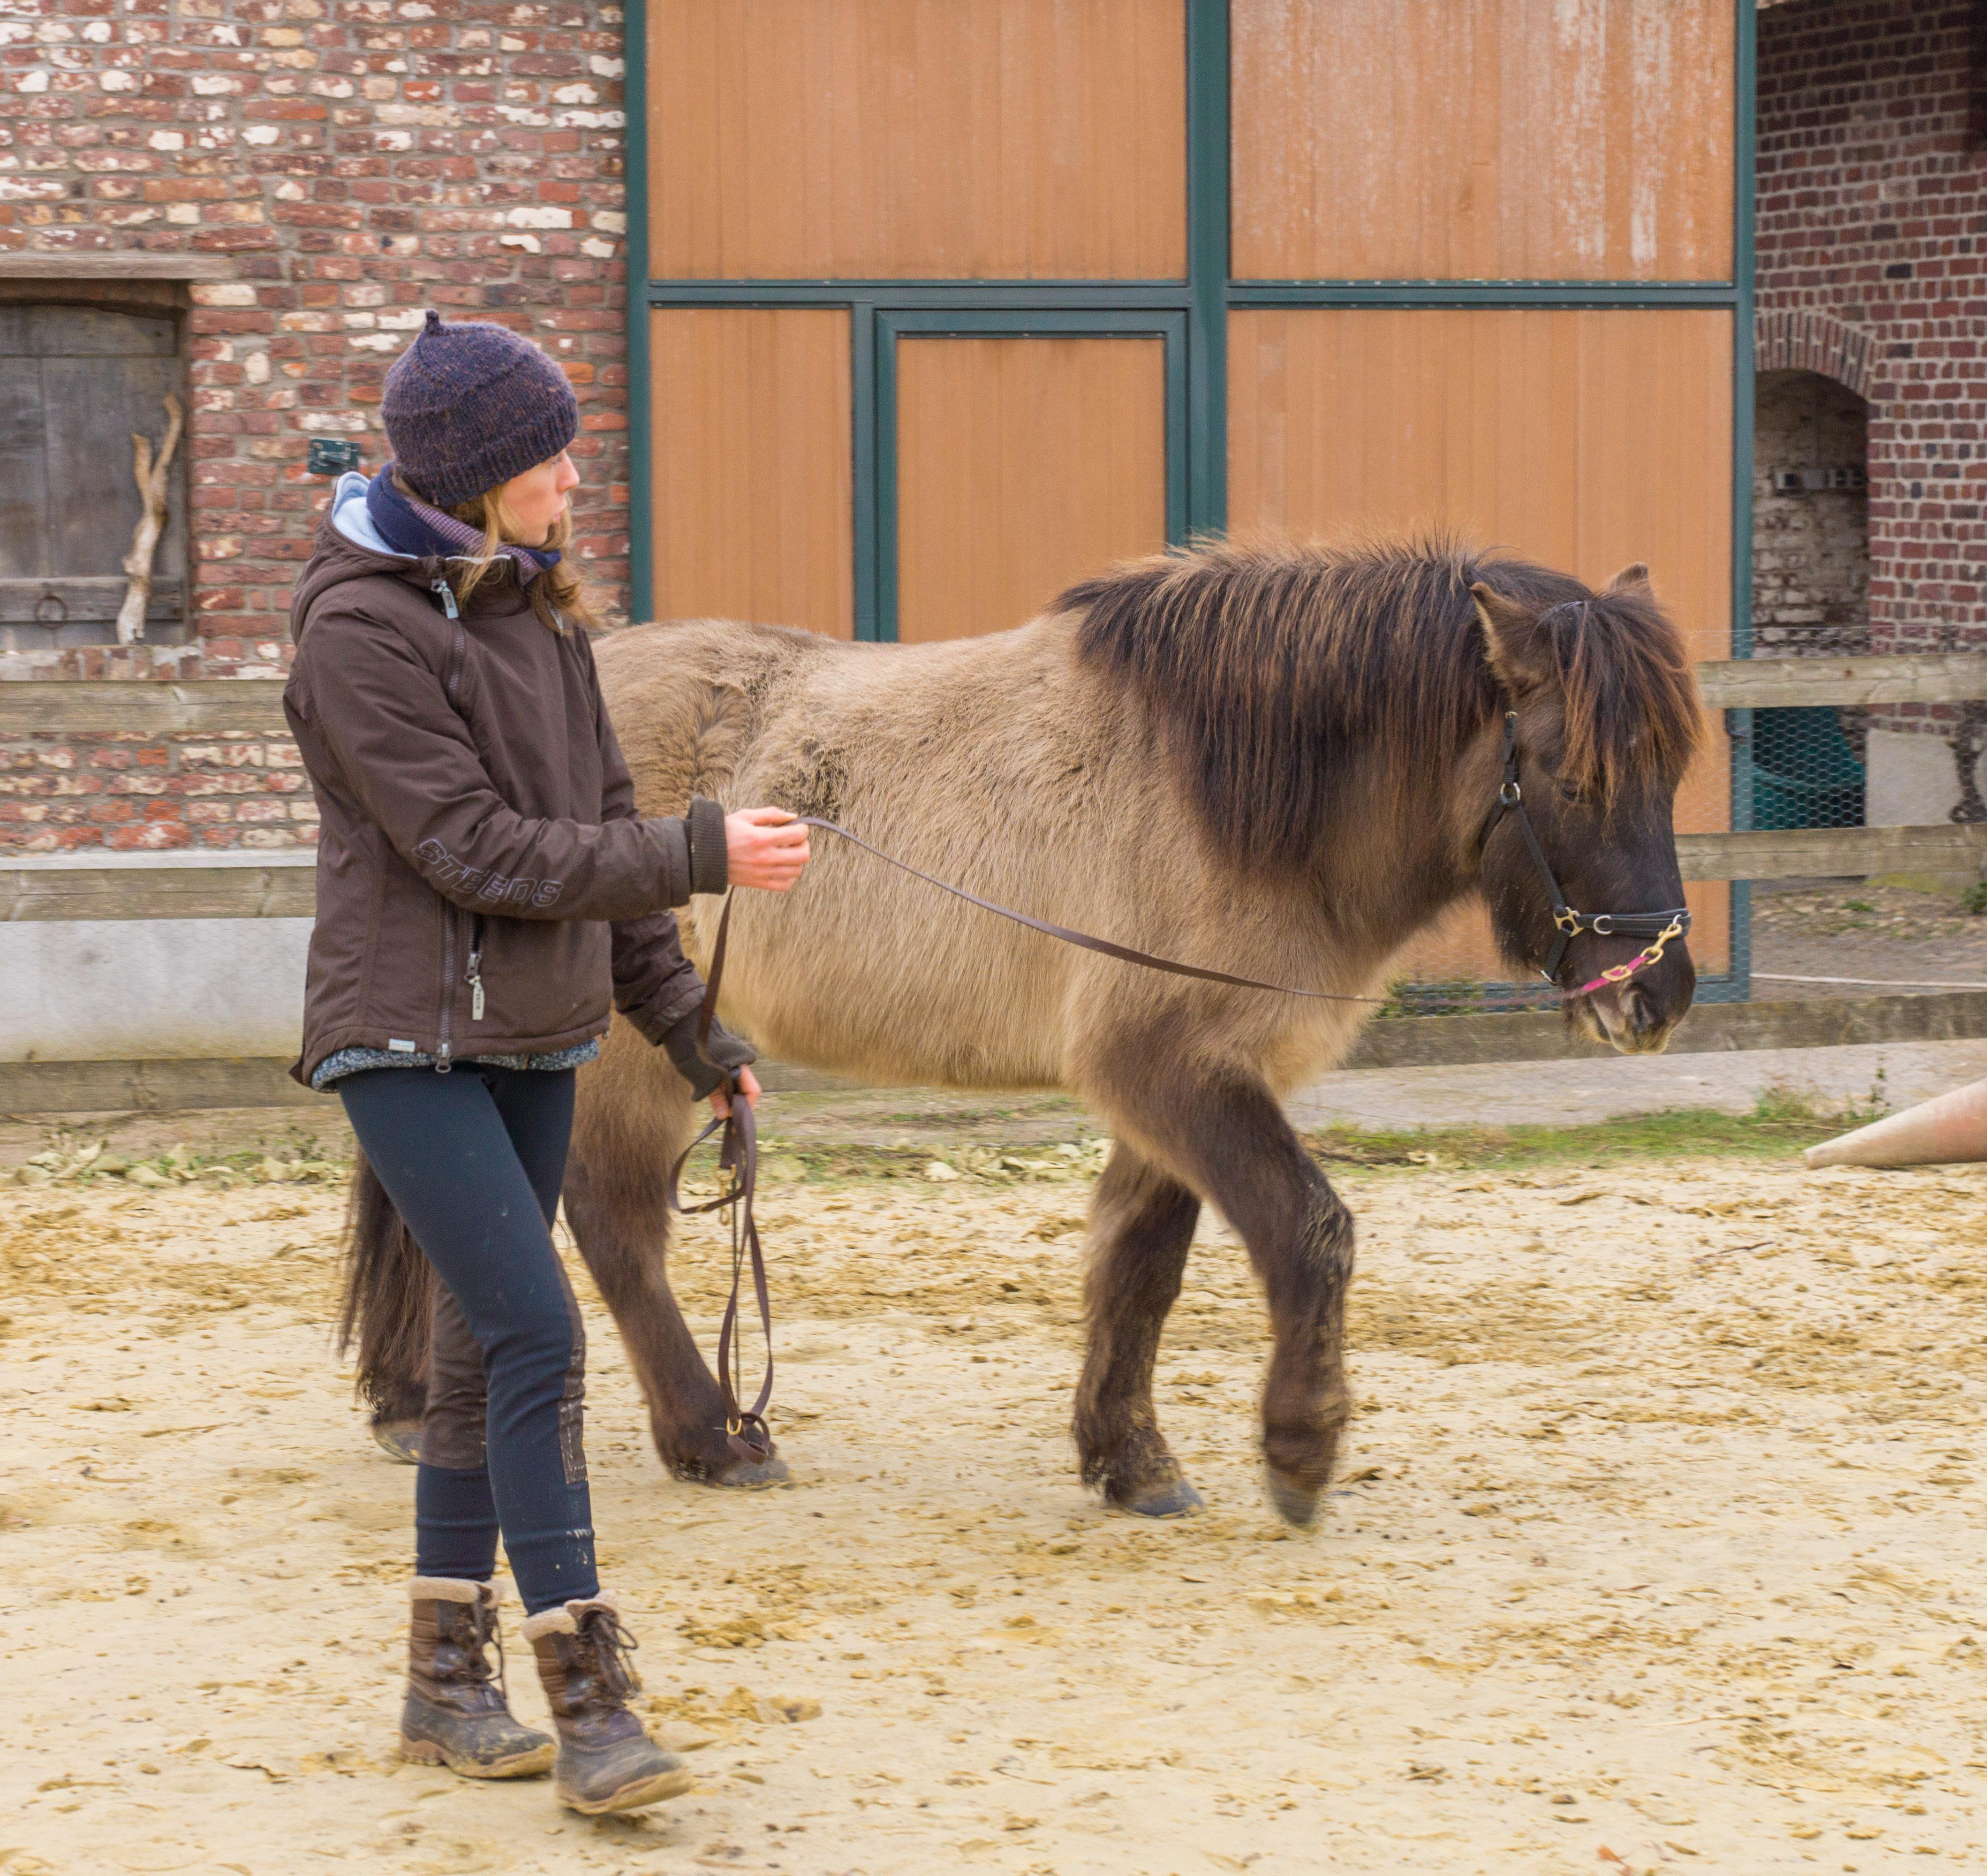 Die Rückenmuskulatur des Pferdes: Ein starker Rücken kennt keinen Schmerz – oder doch?